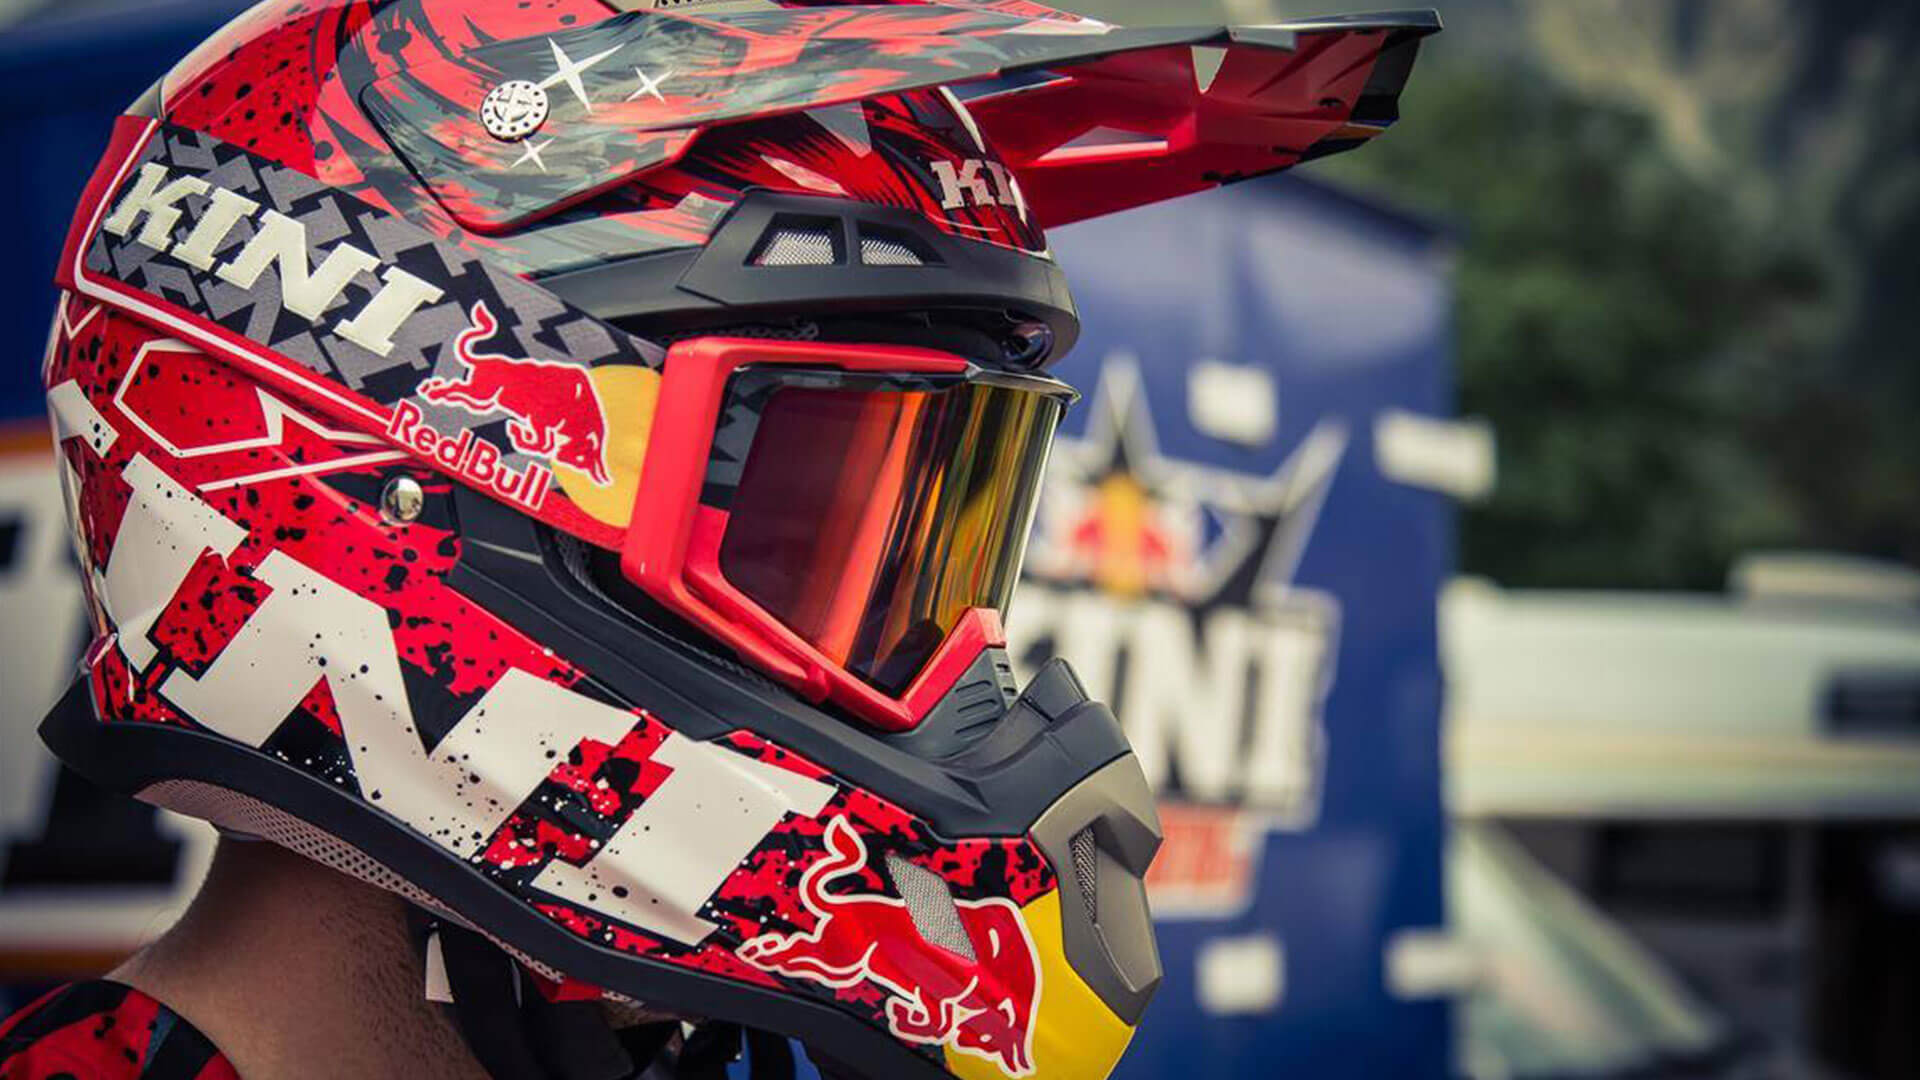 Richtige Motocross Helm und Enduro Helm Passform finden